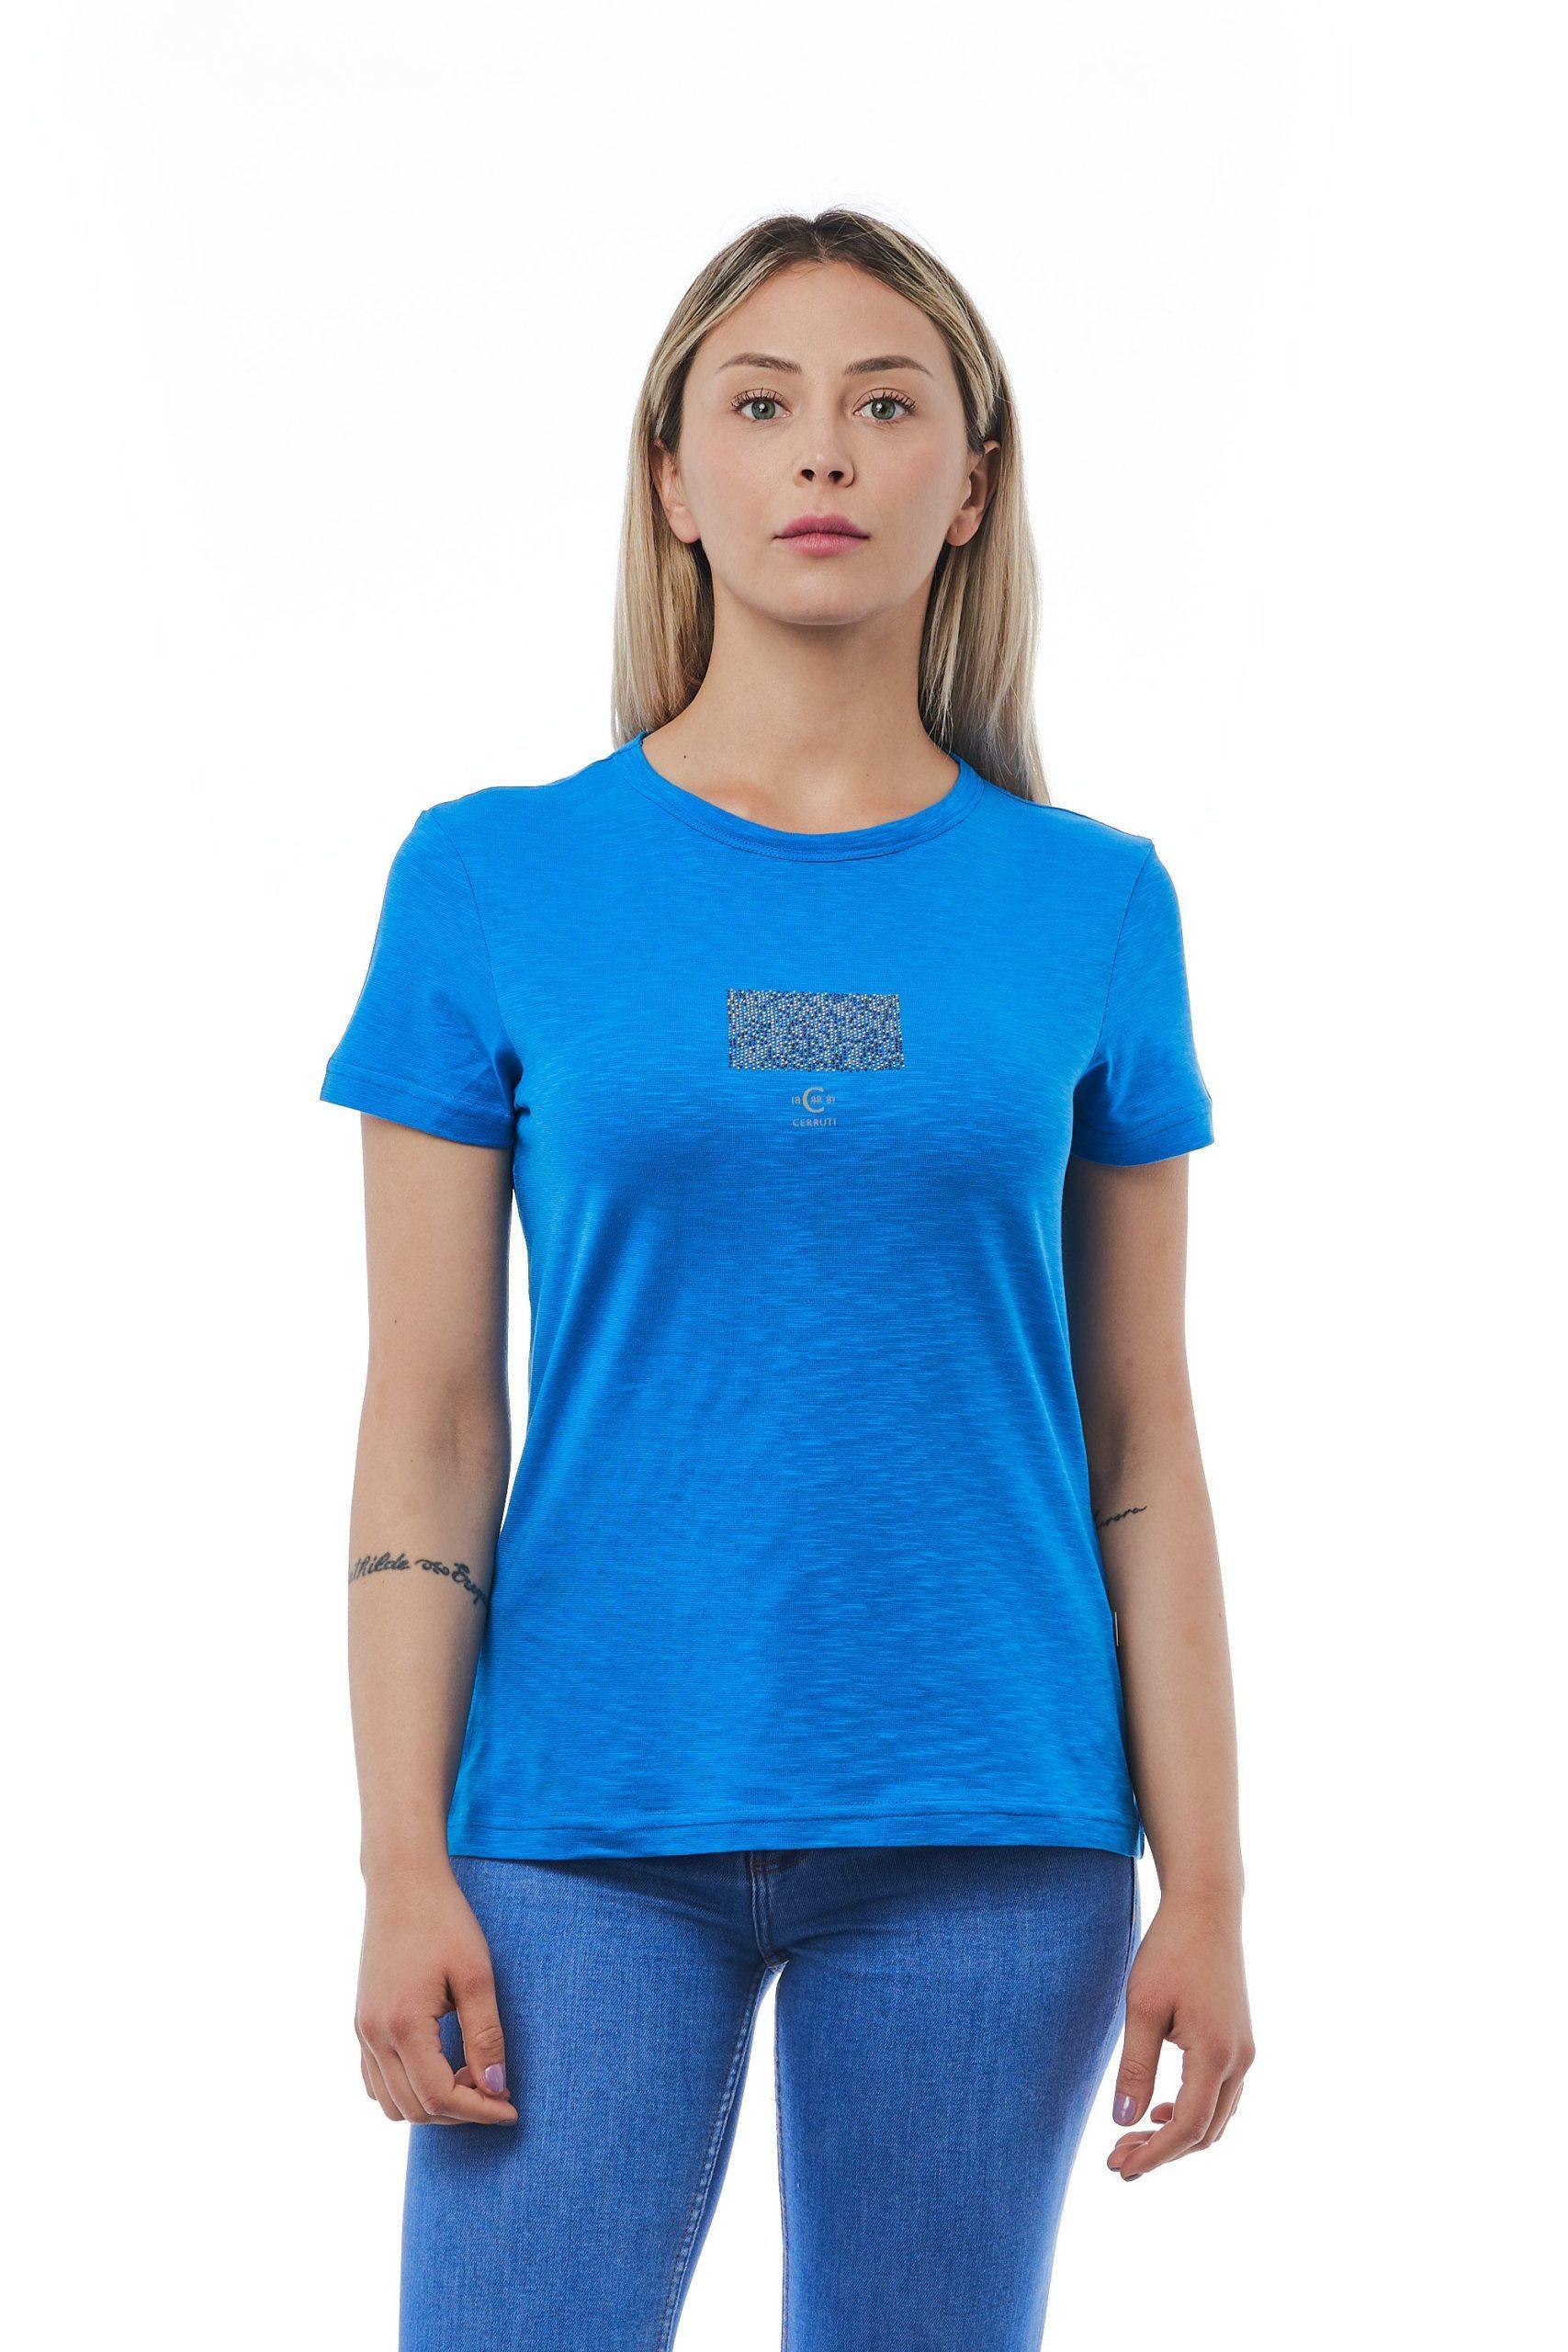 Cerruti 1881 Women's Blutte T-Shirt Light Blue CE1410140 - M